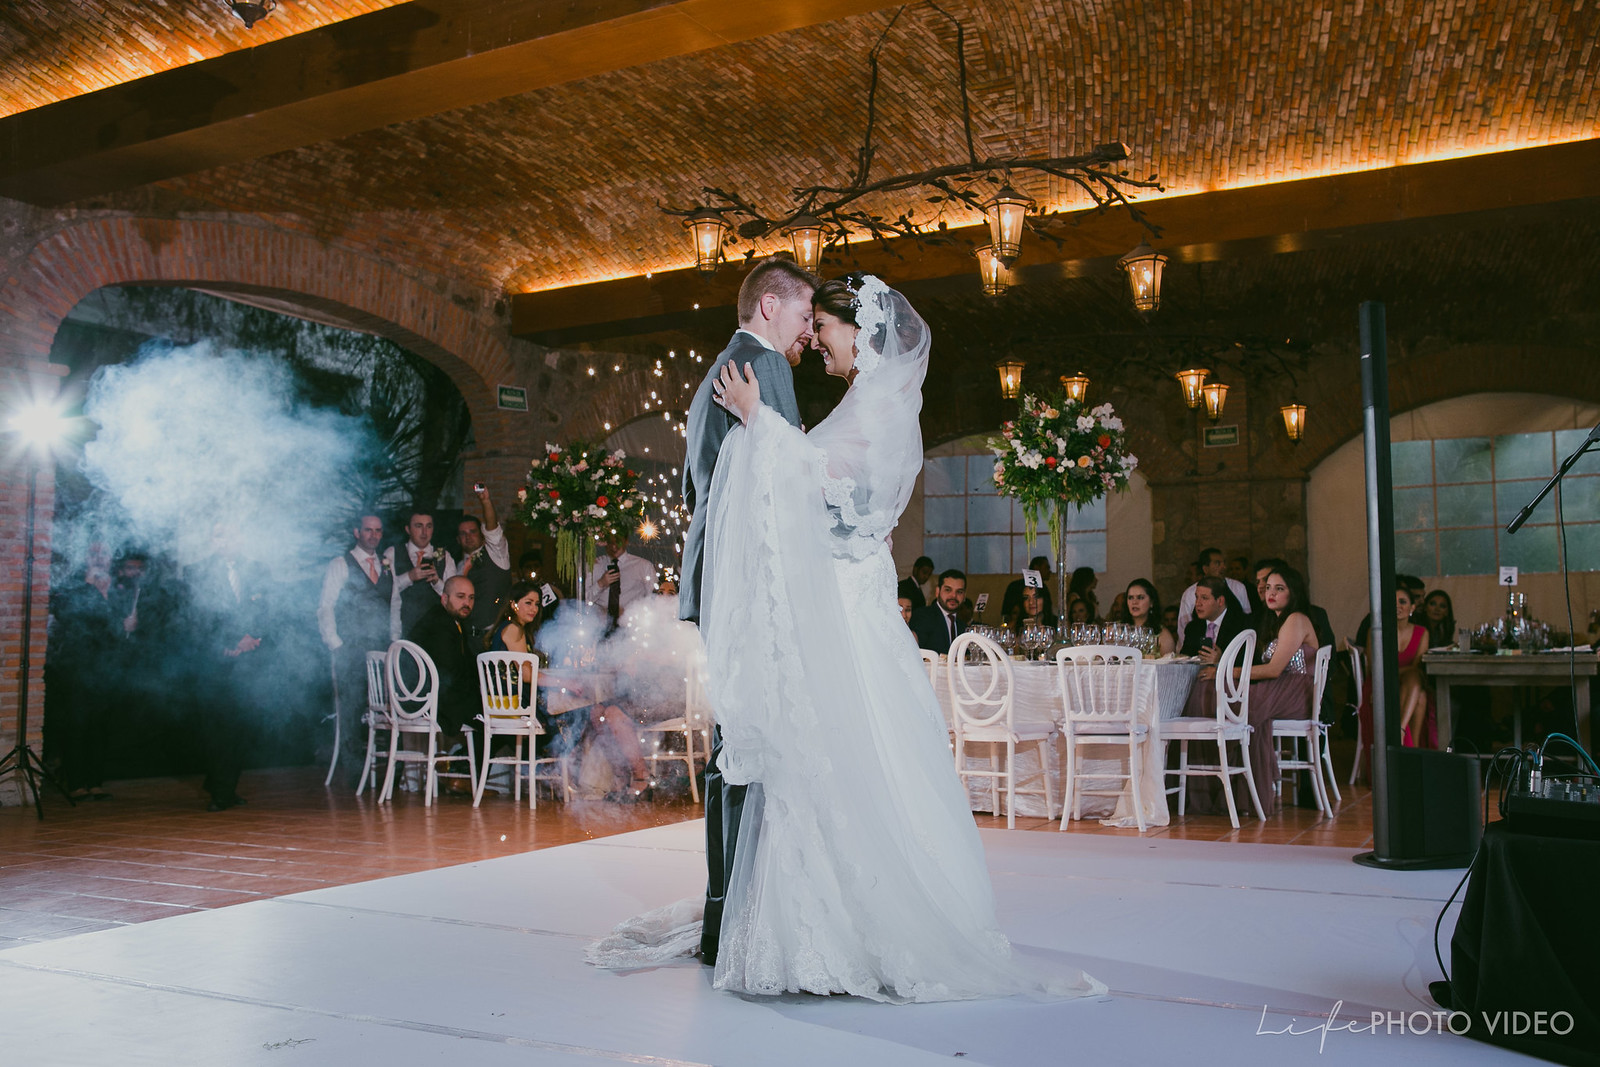 LifePhotoVideo_Boda_LeonGto_Wedding_0030.jpg